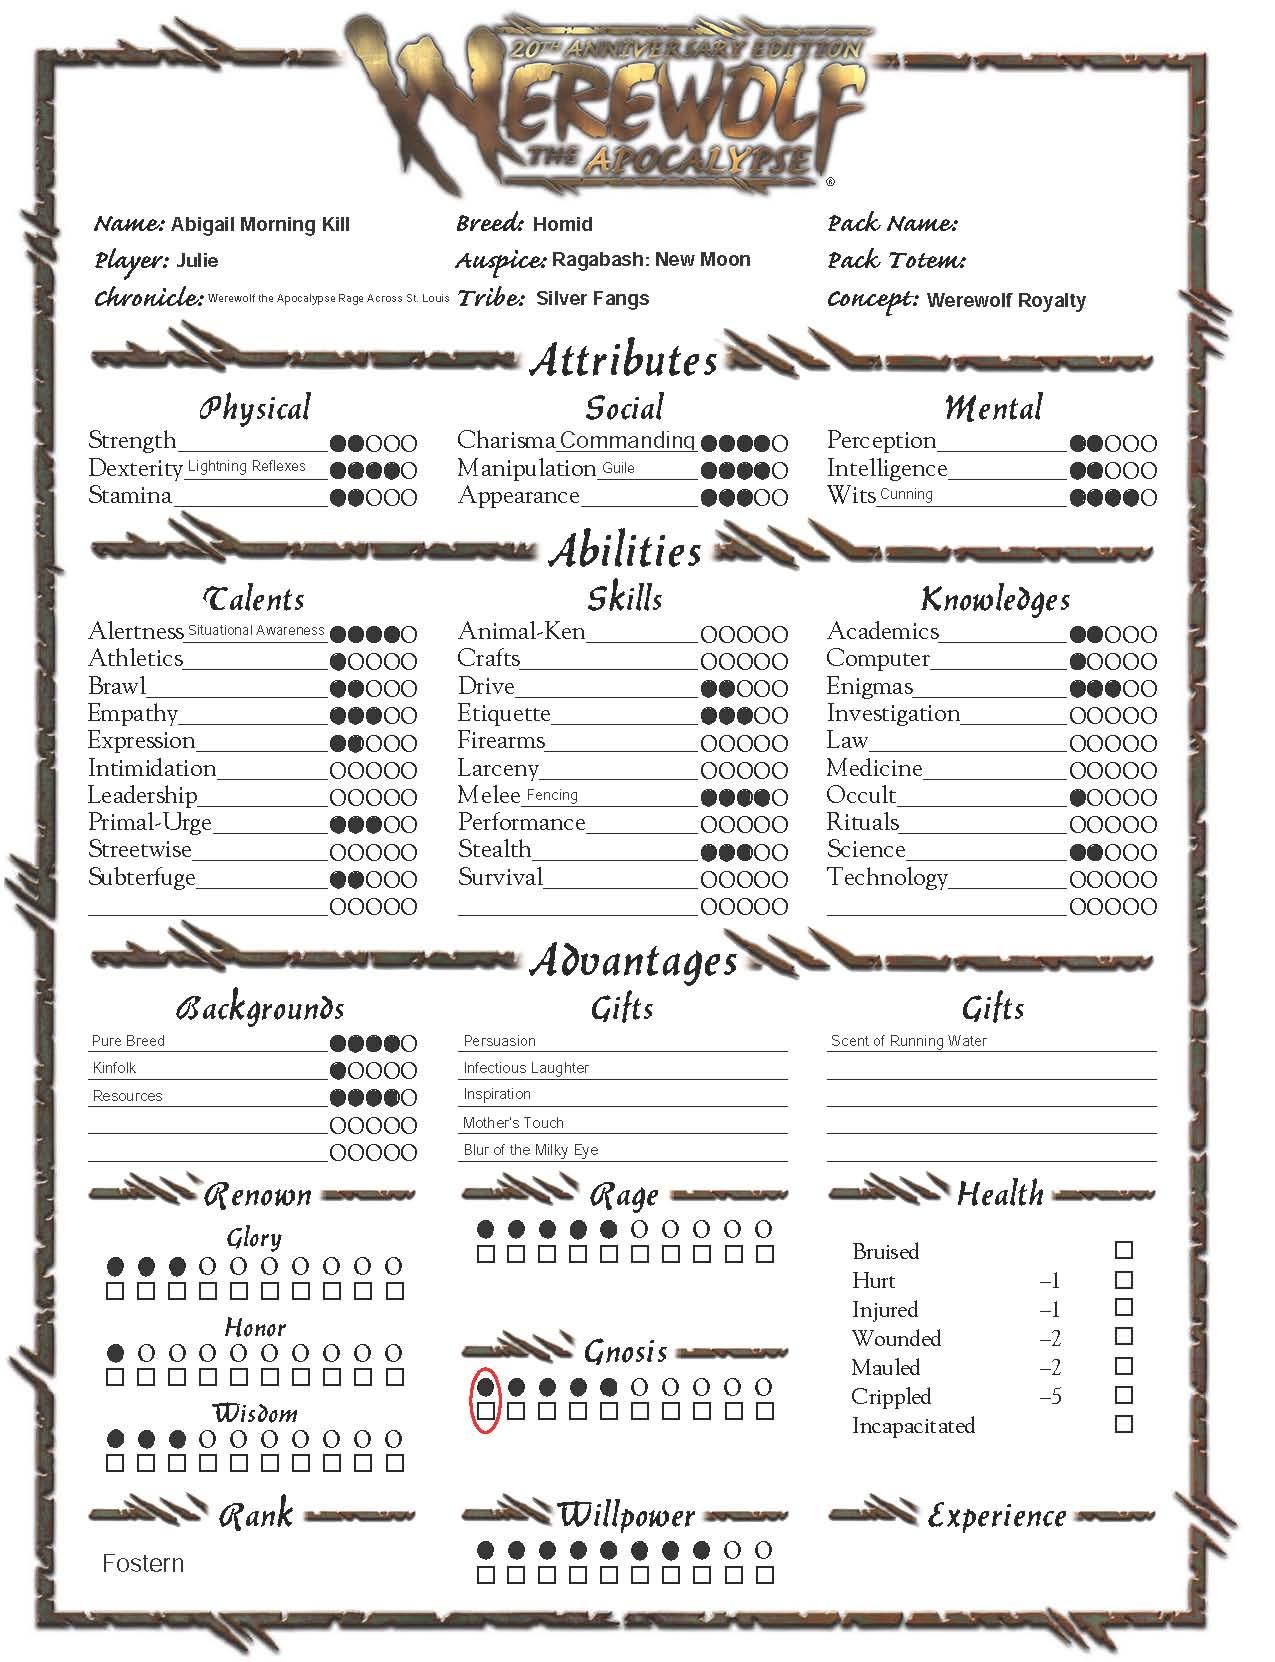 Abigail_Morning_Kill_Character_Sheet_Page_1.jpg